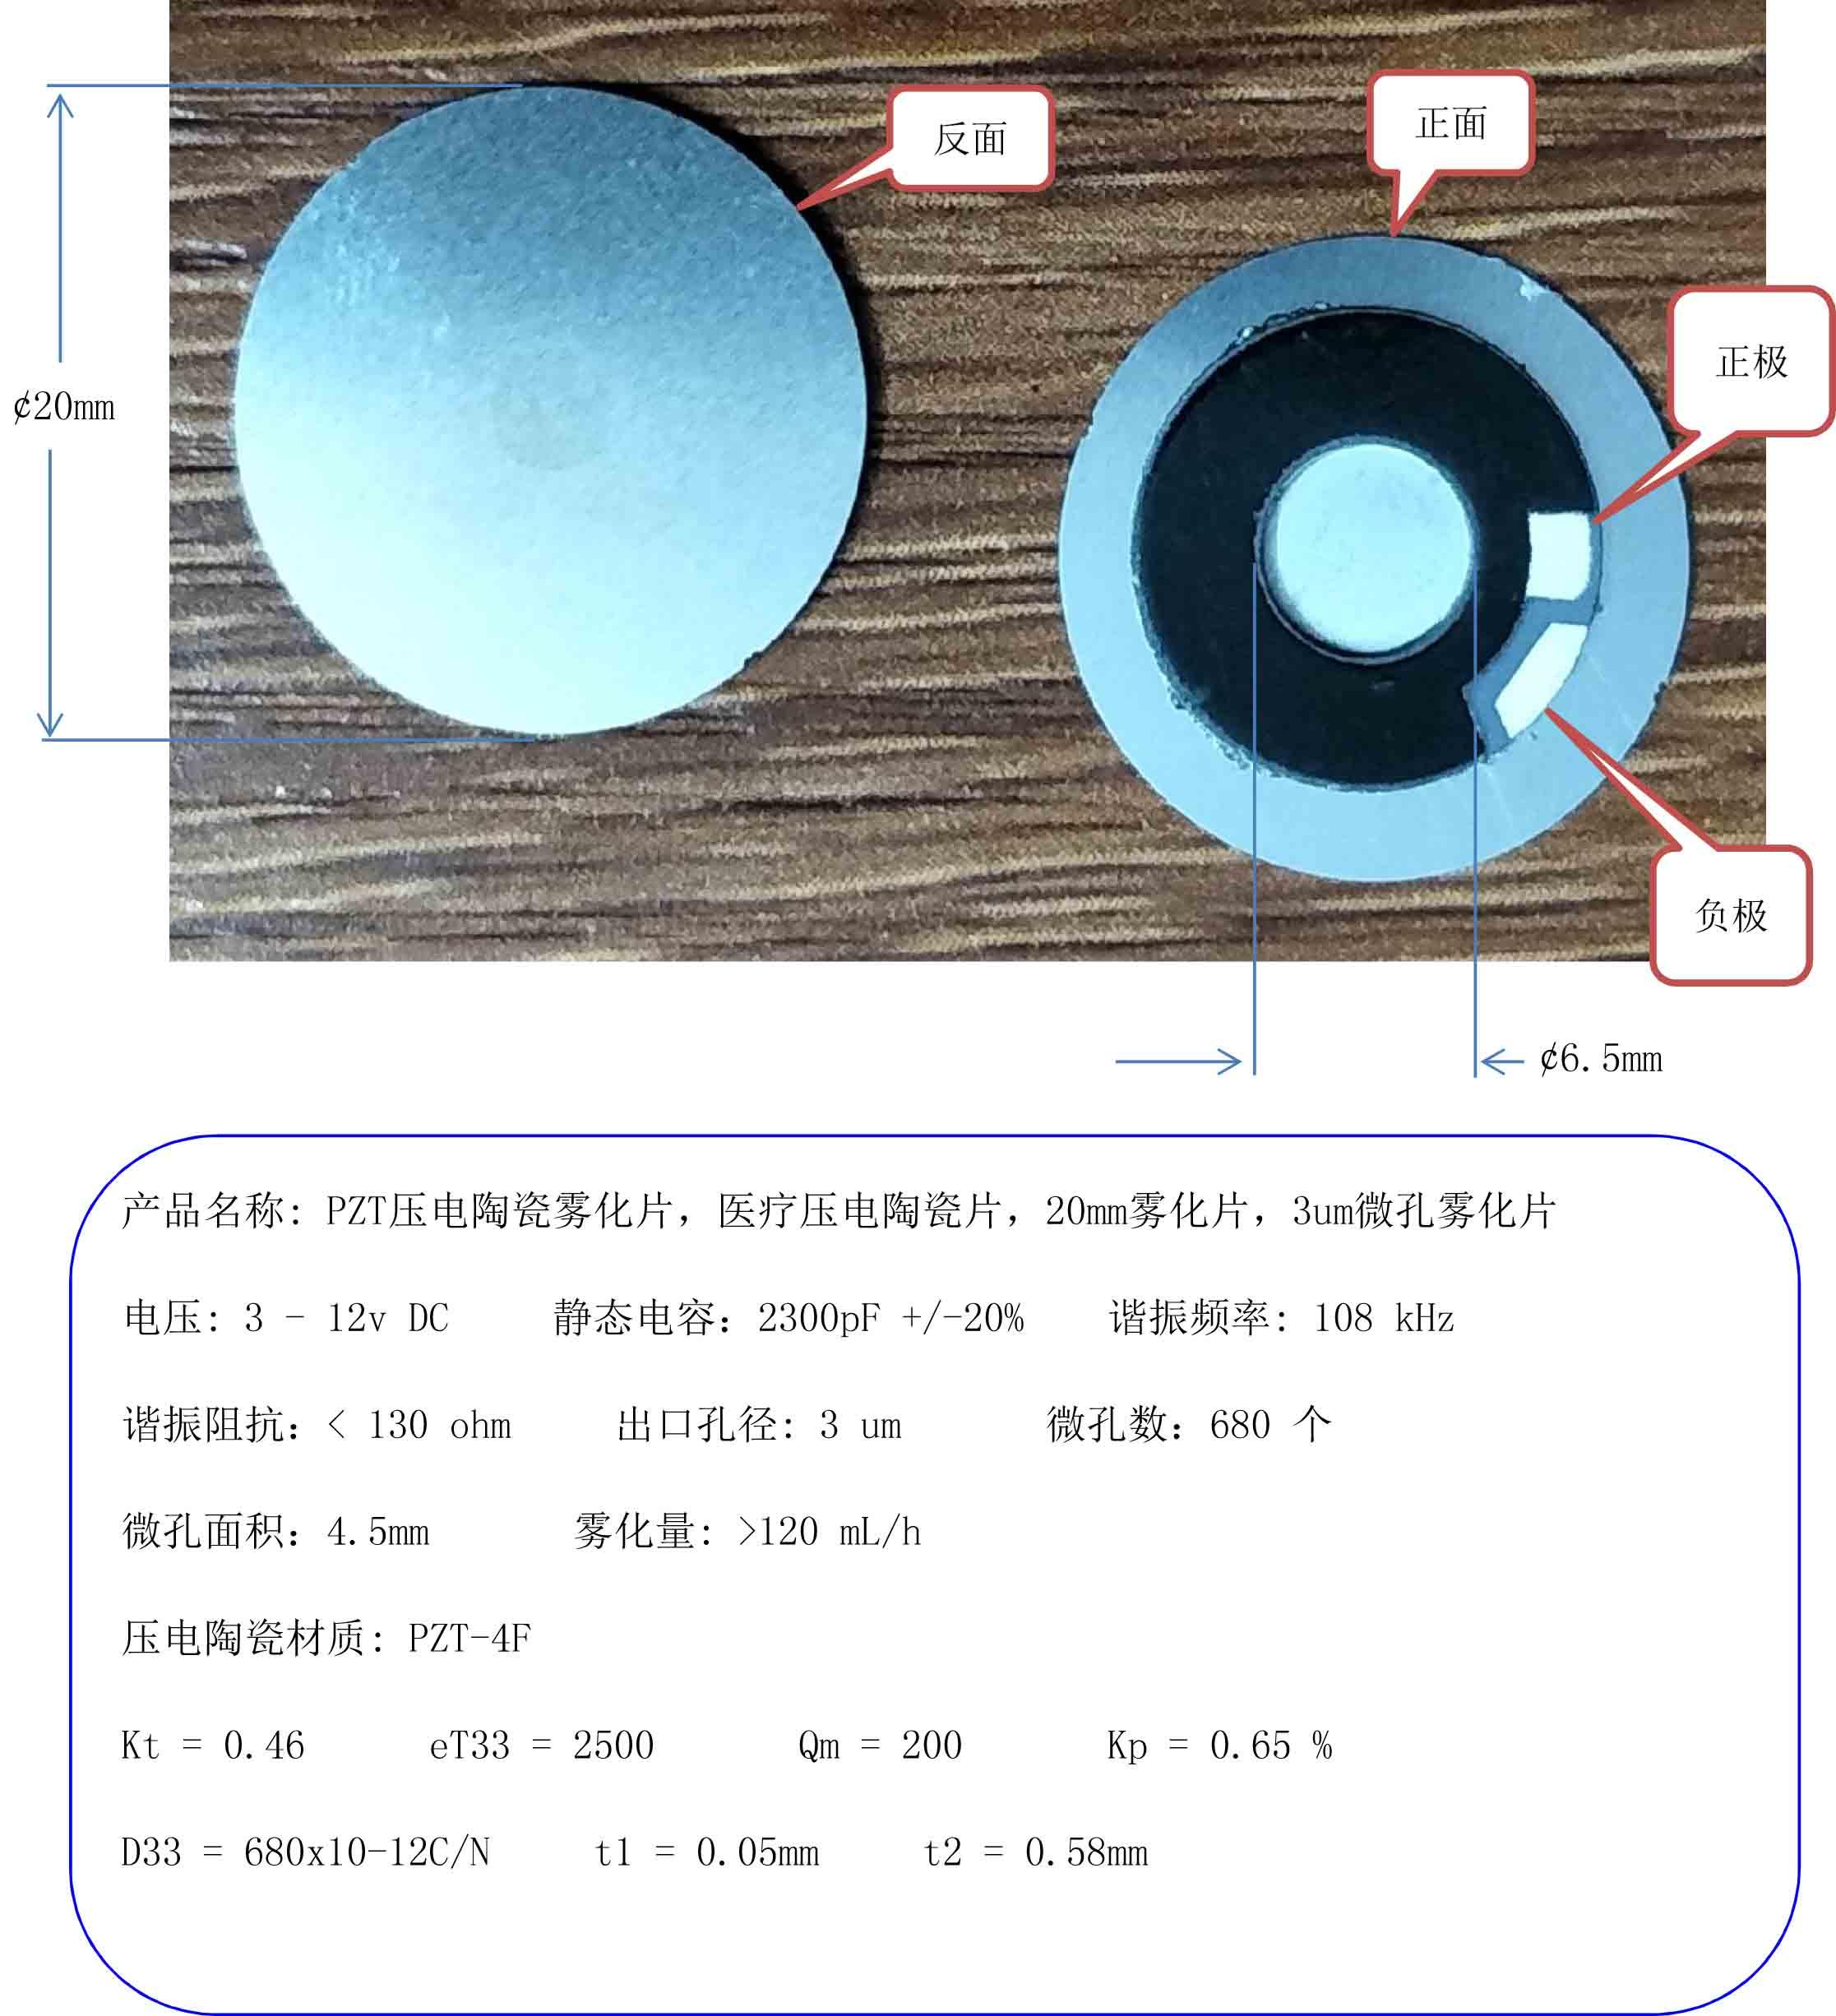 Medical piezoelectric ceramic sheet, 20mm atomization sheet, 3um microporous atomizer, PZT piezoelectric ceramic atomizer pzt piezoelectric ceramic atomizer medical piezoelectric ceramic piece